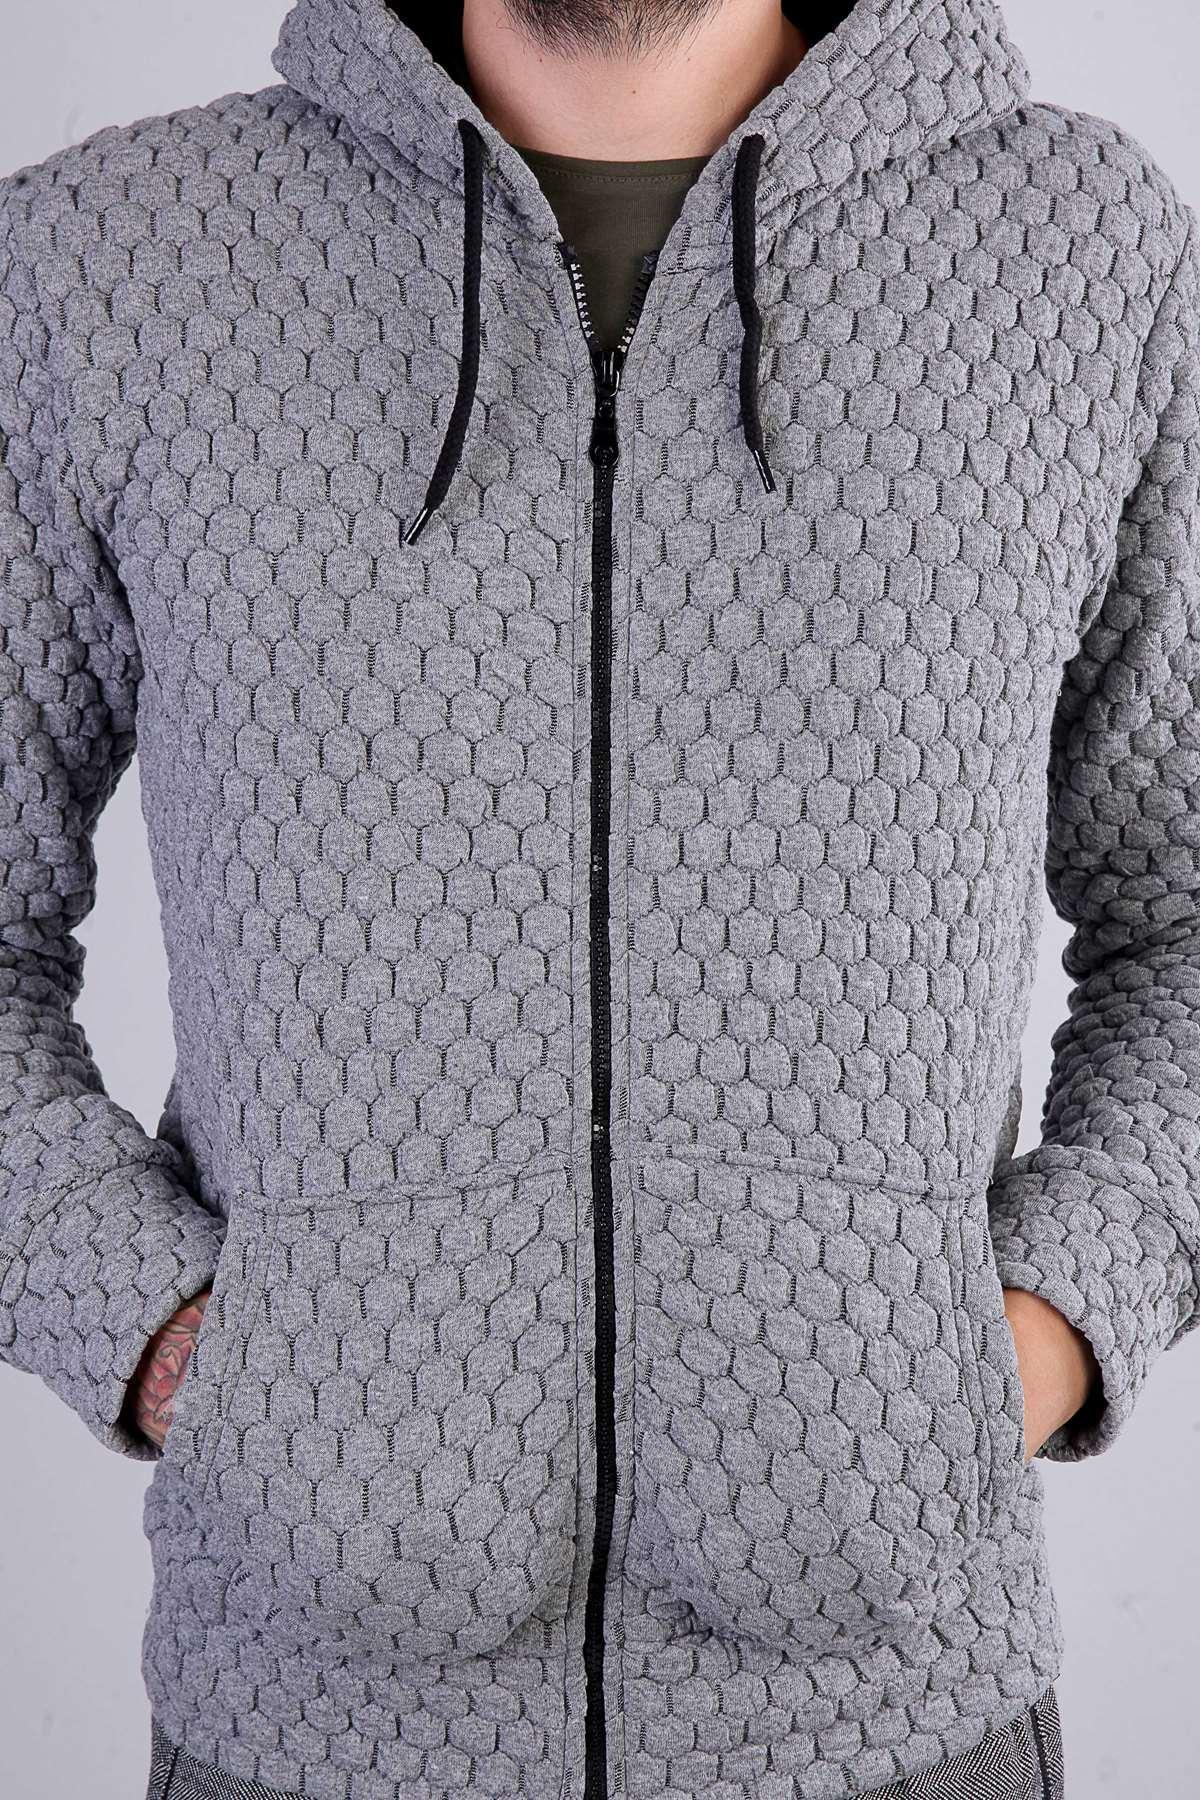 Oval Kabartmalı Kapşonlu Sweatshirt Gri